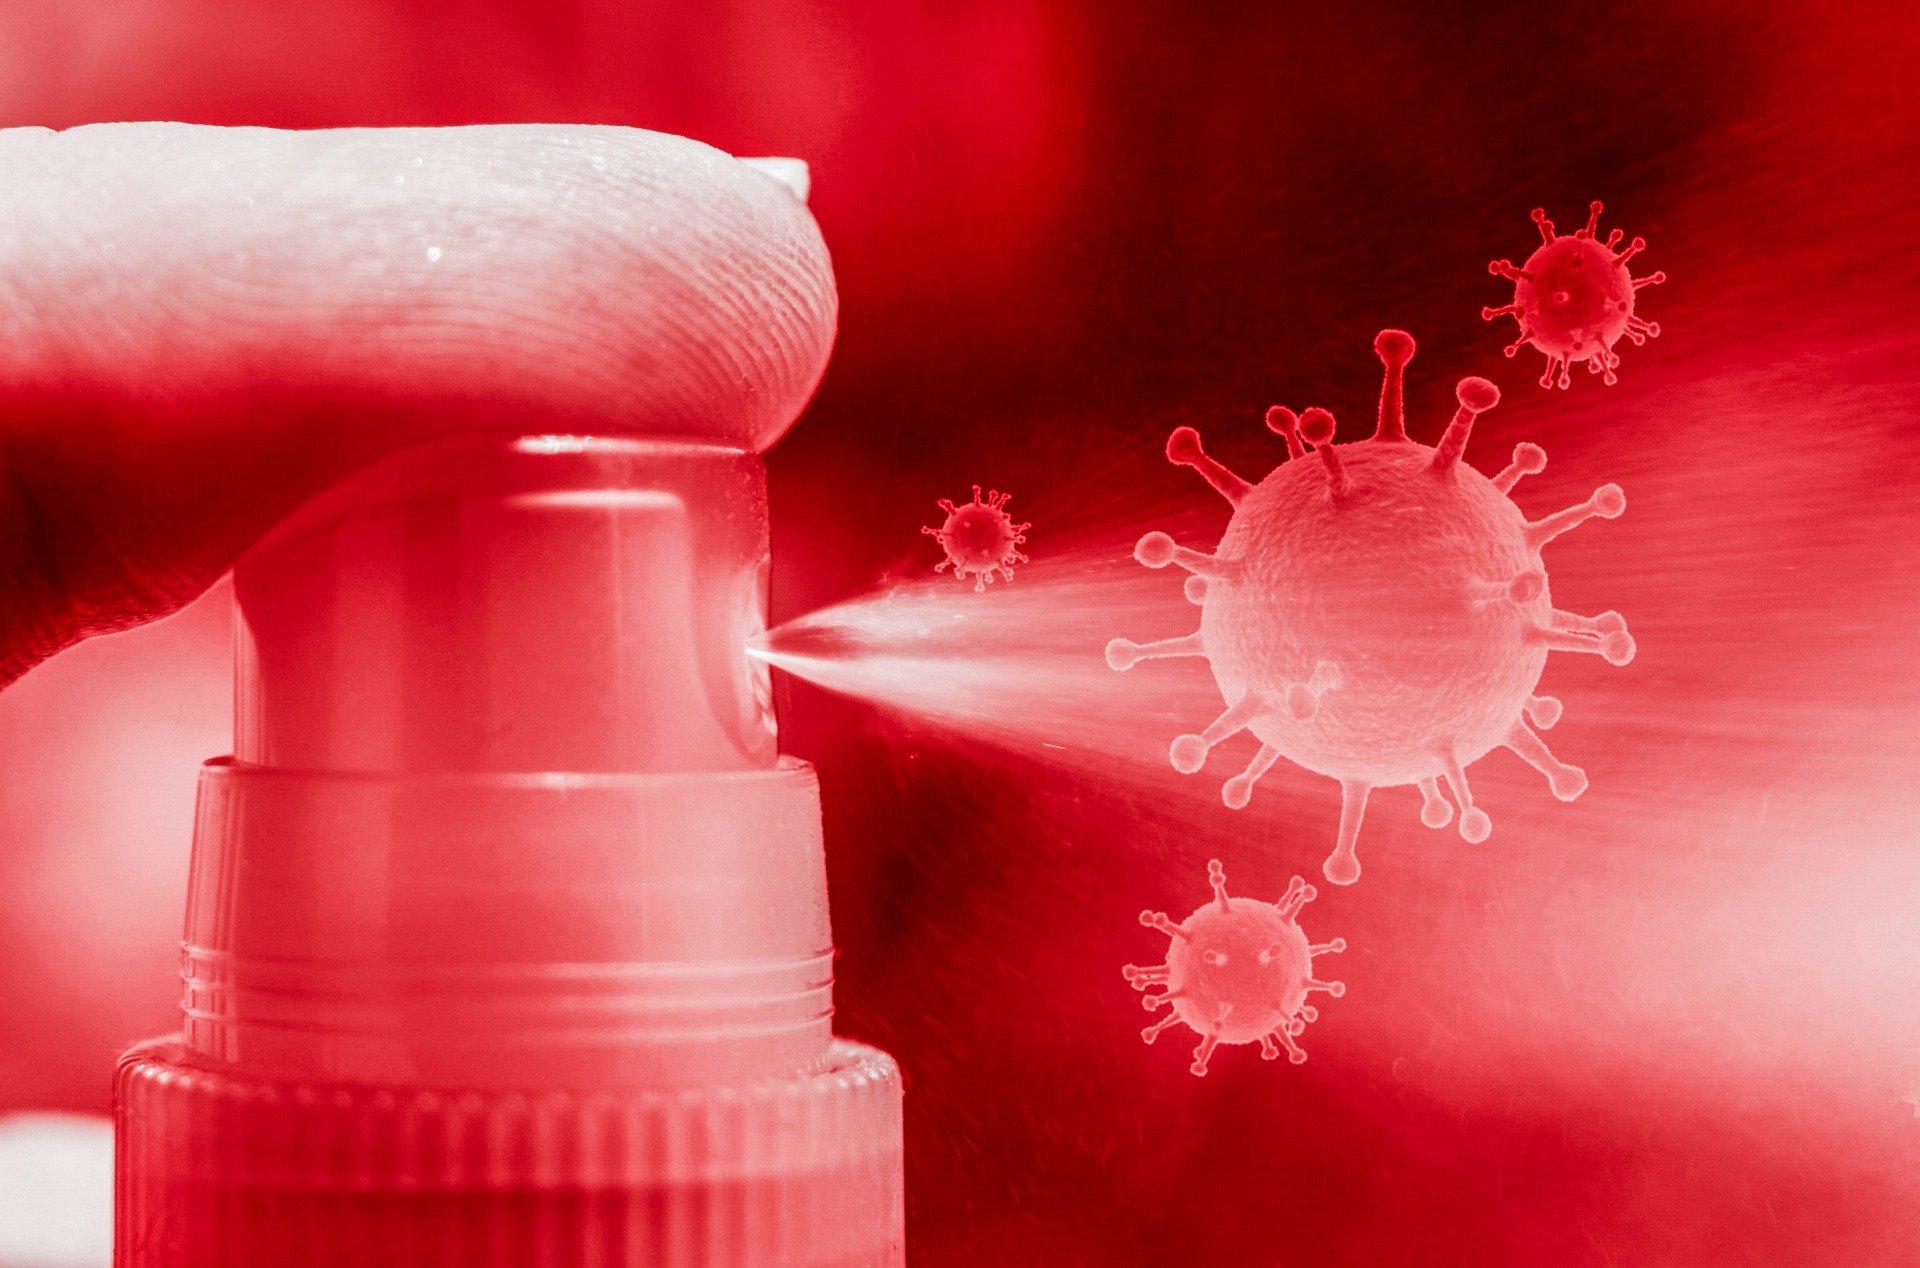 désinfection coronavirus